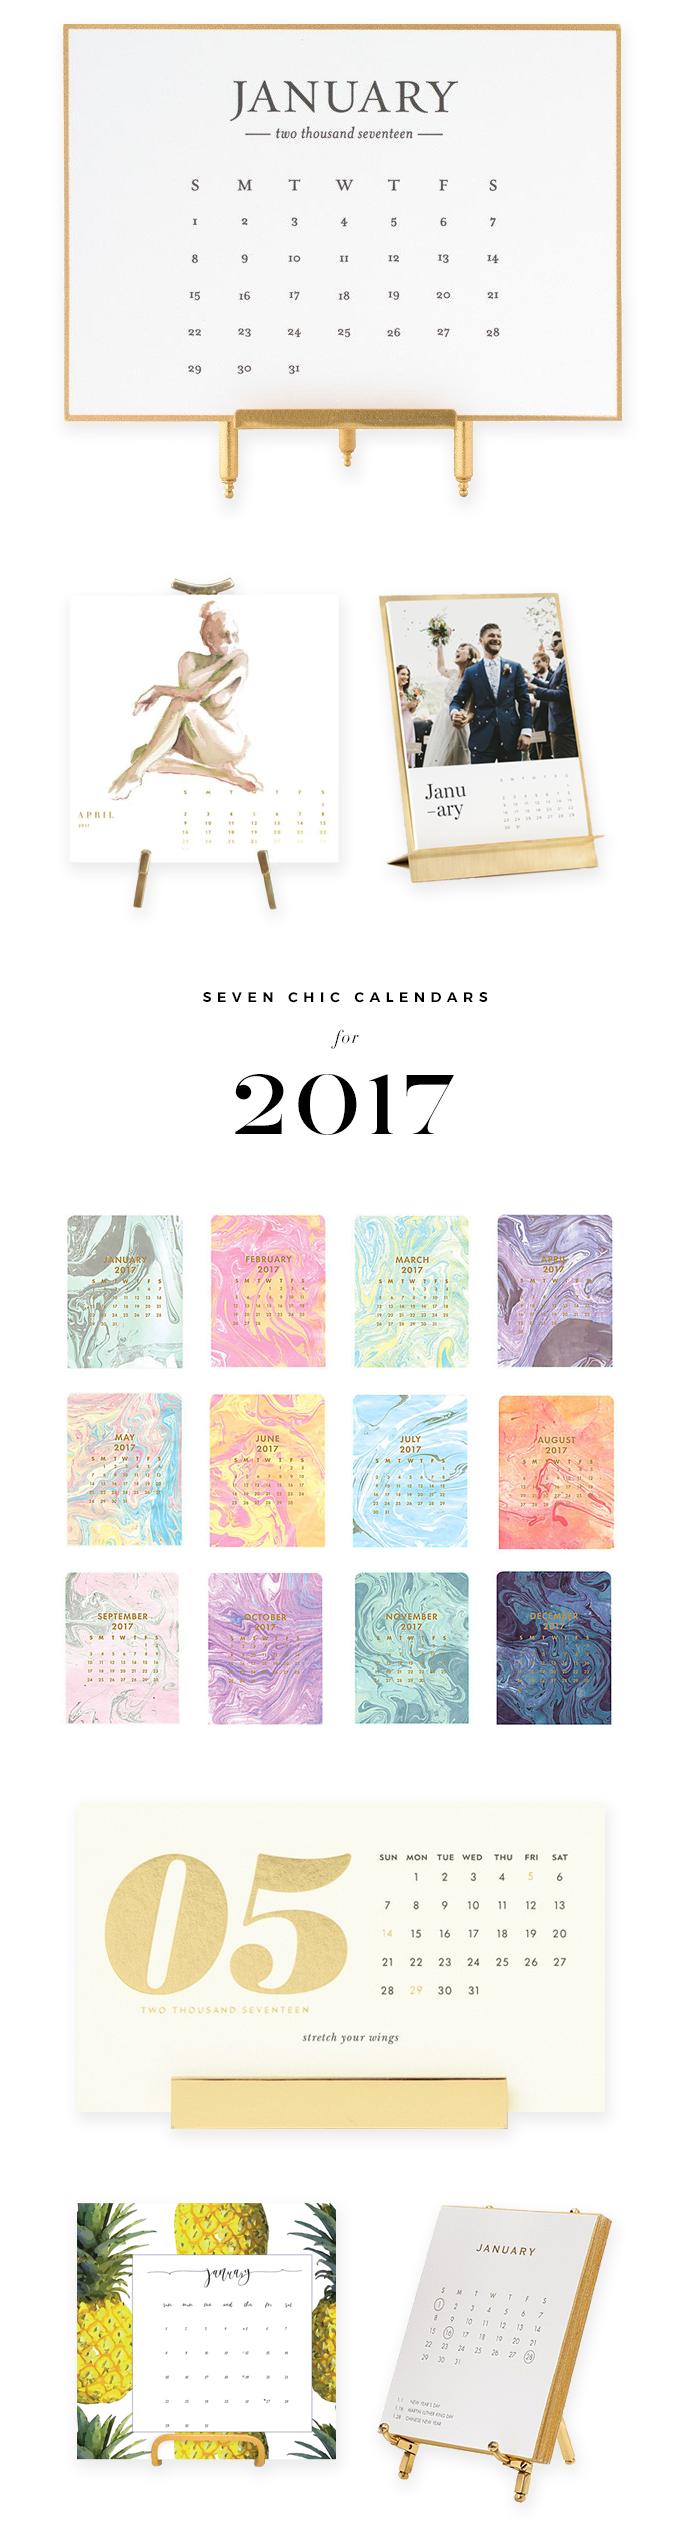 7 Calendars for 2017